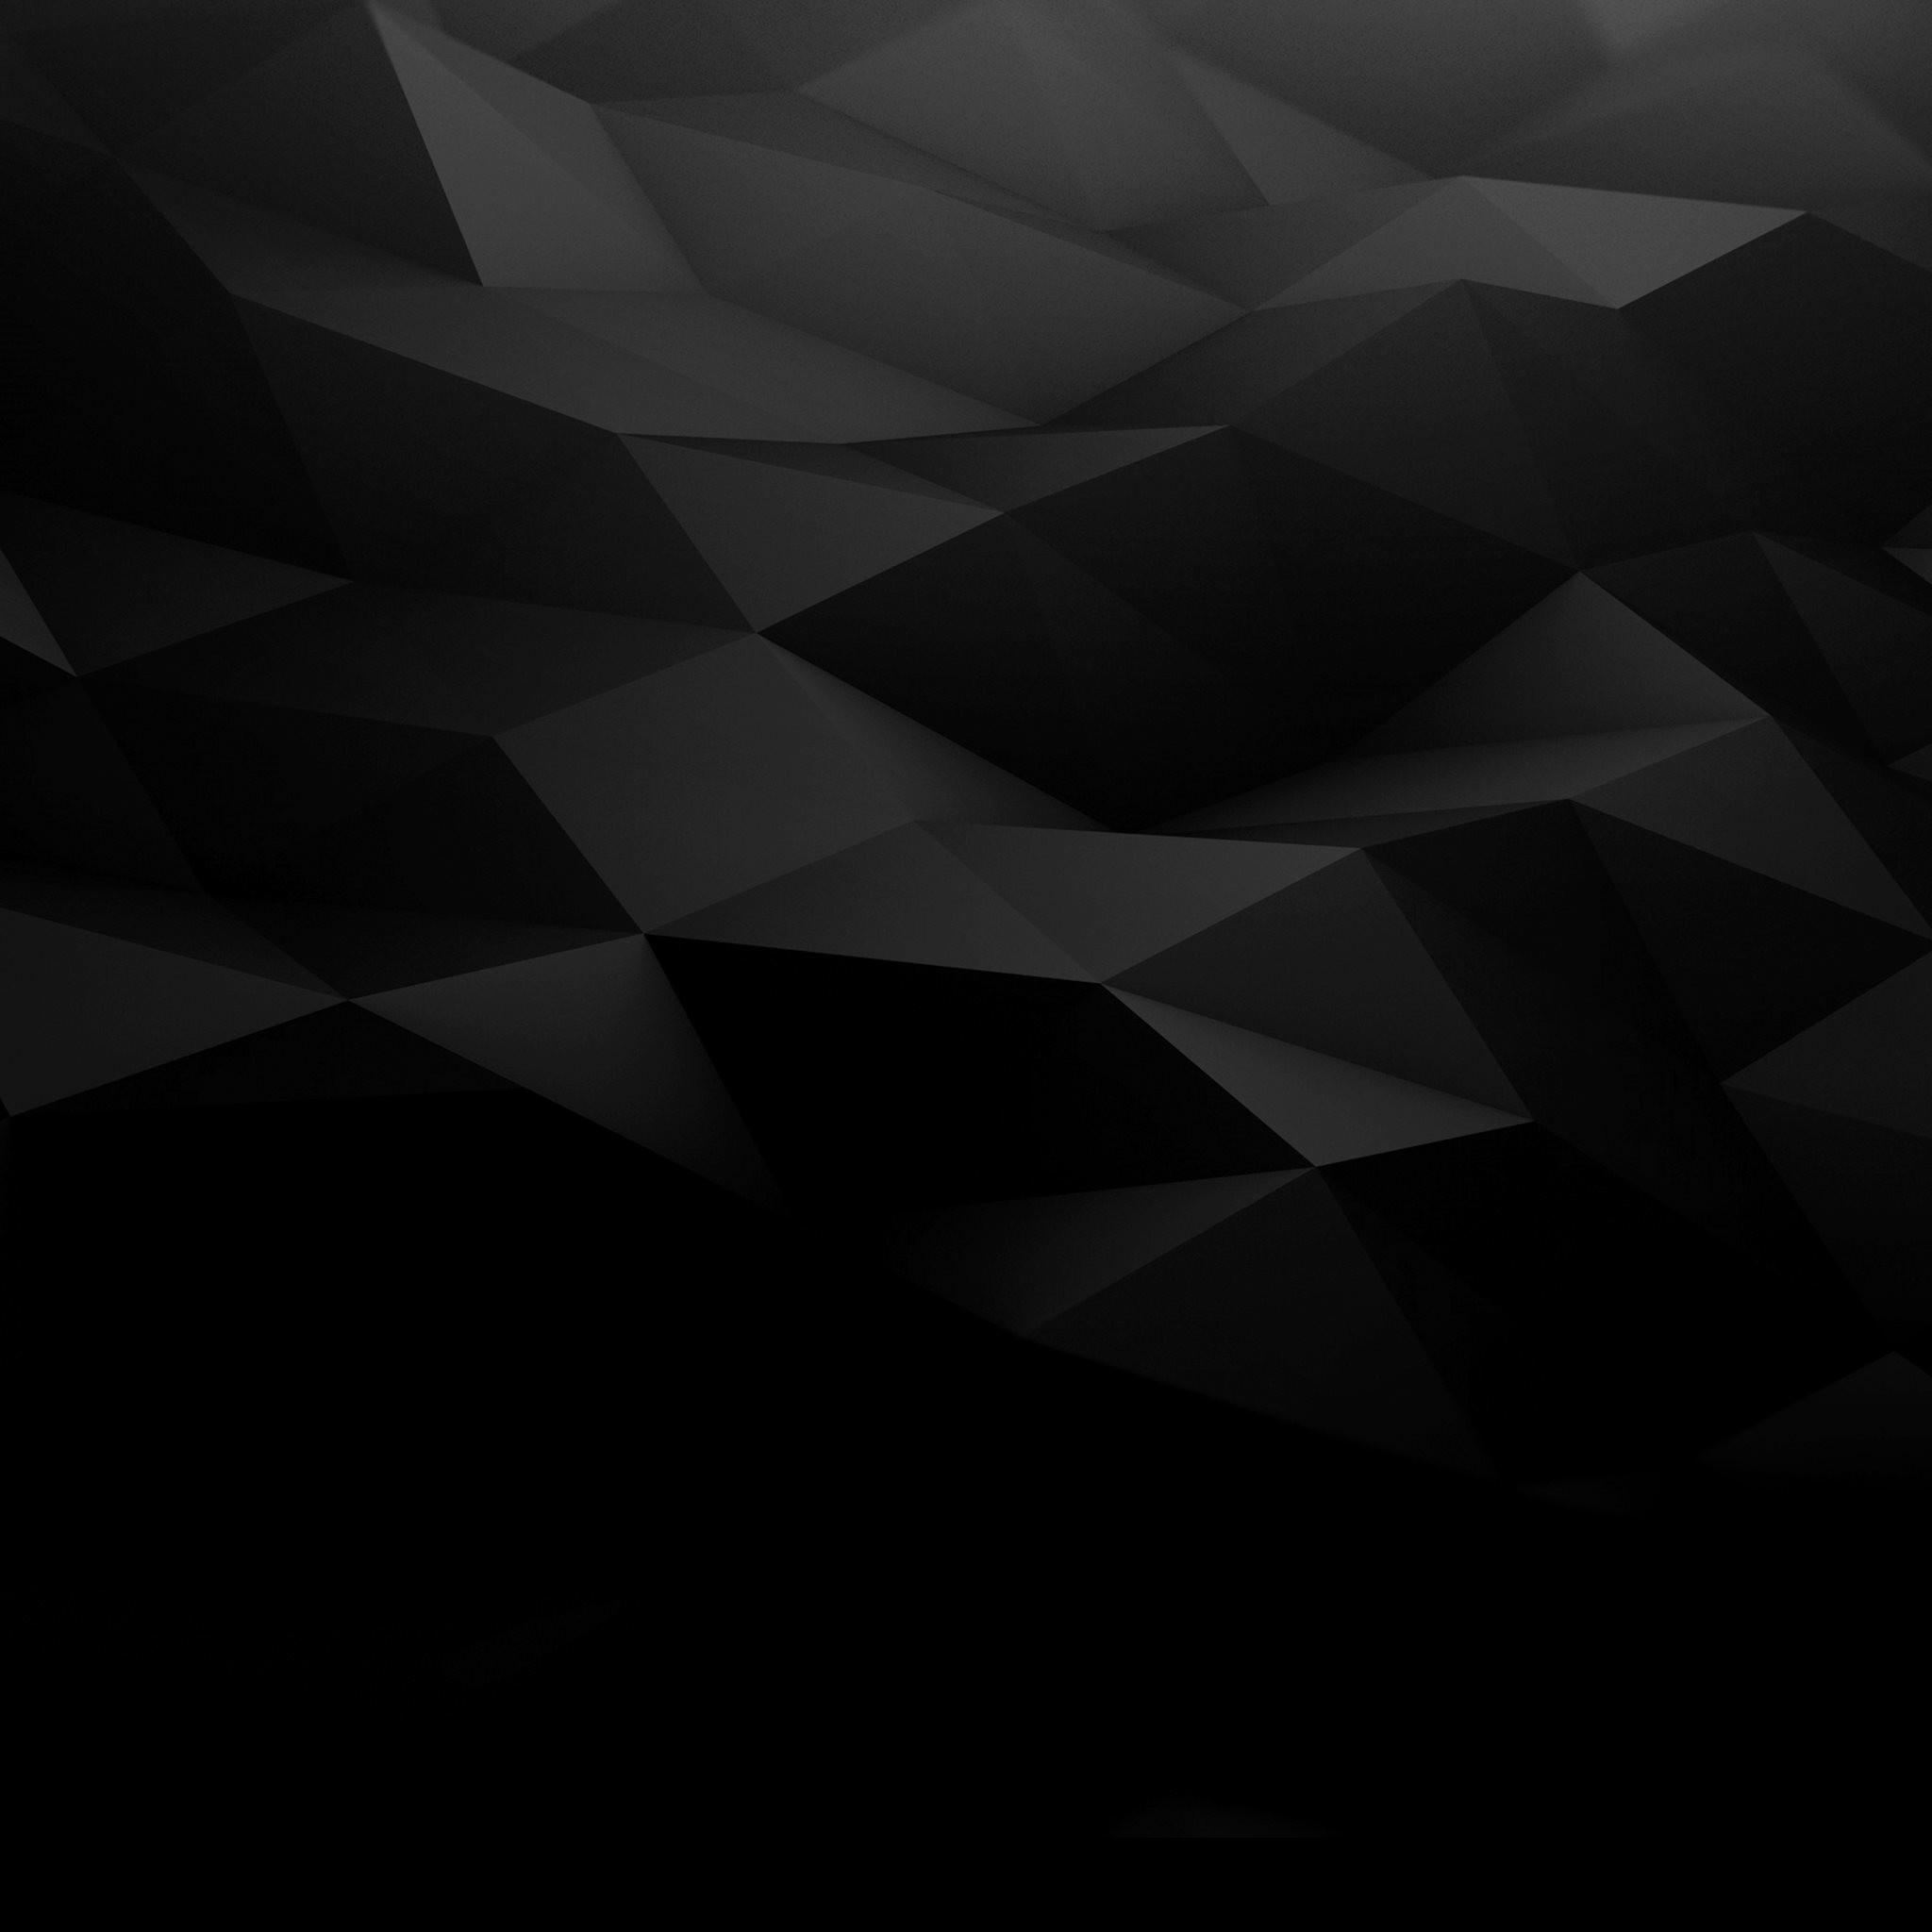 HD Wallpaper: Noir